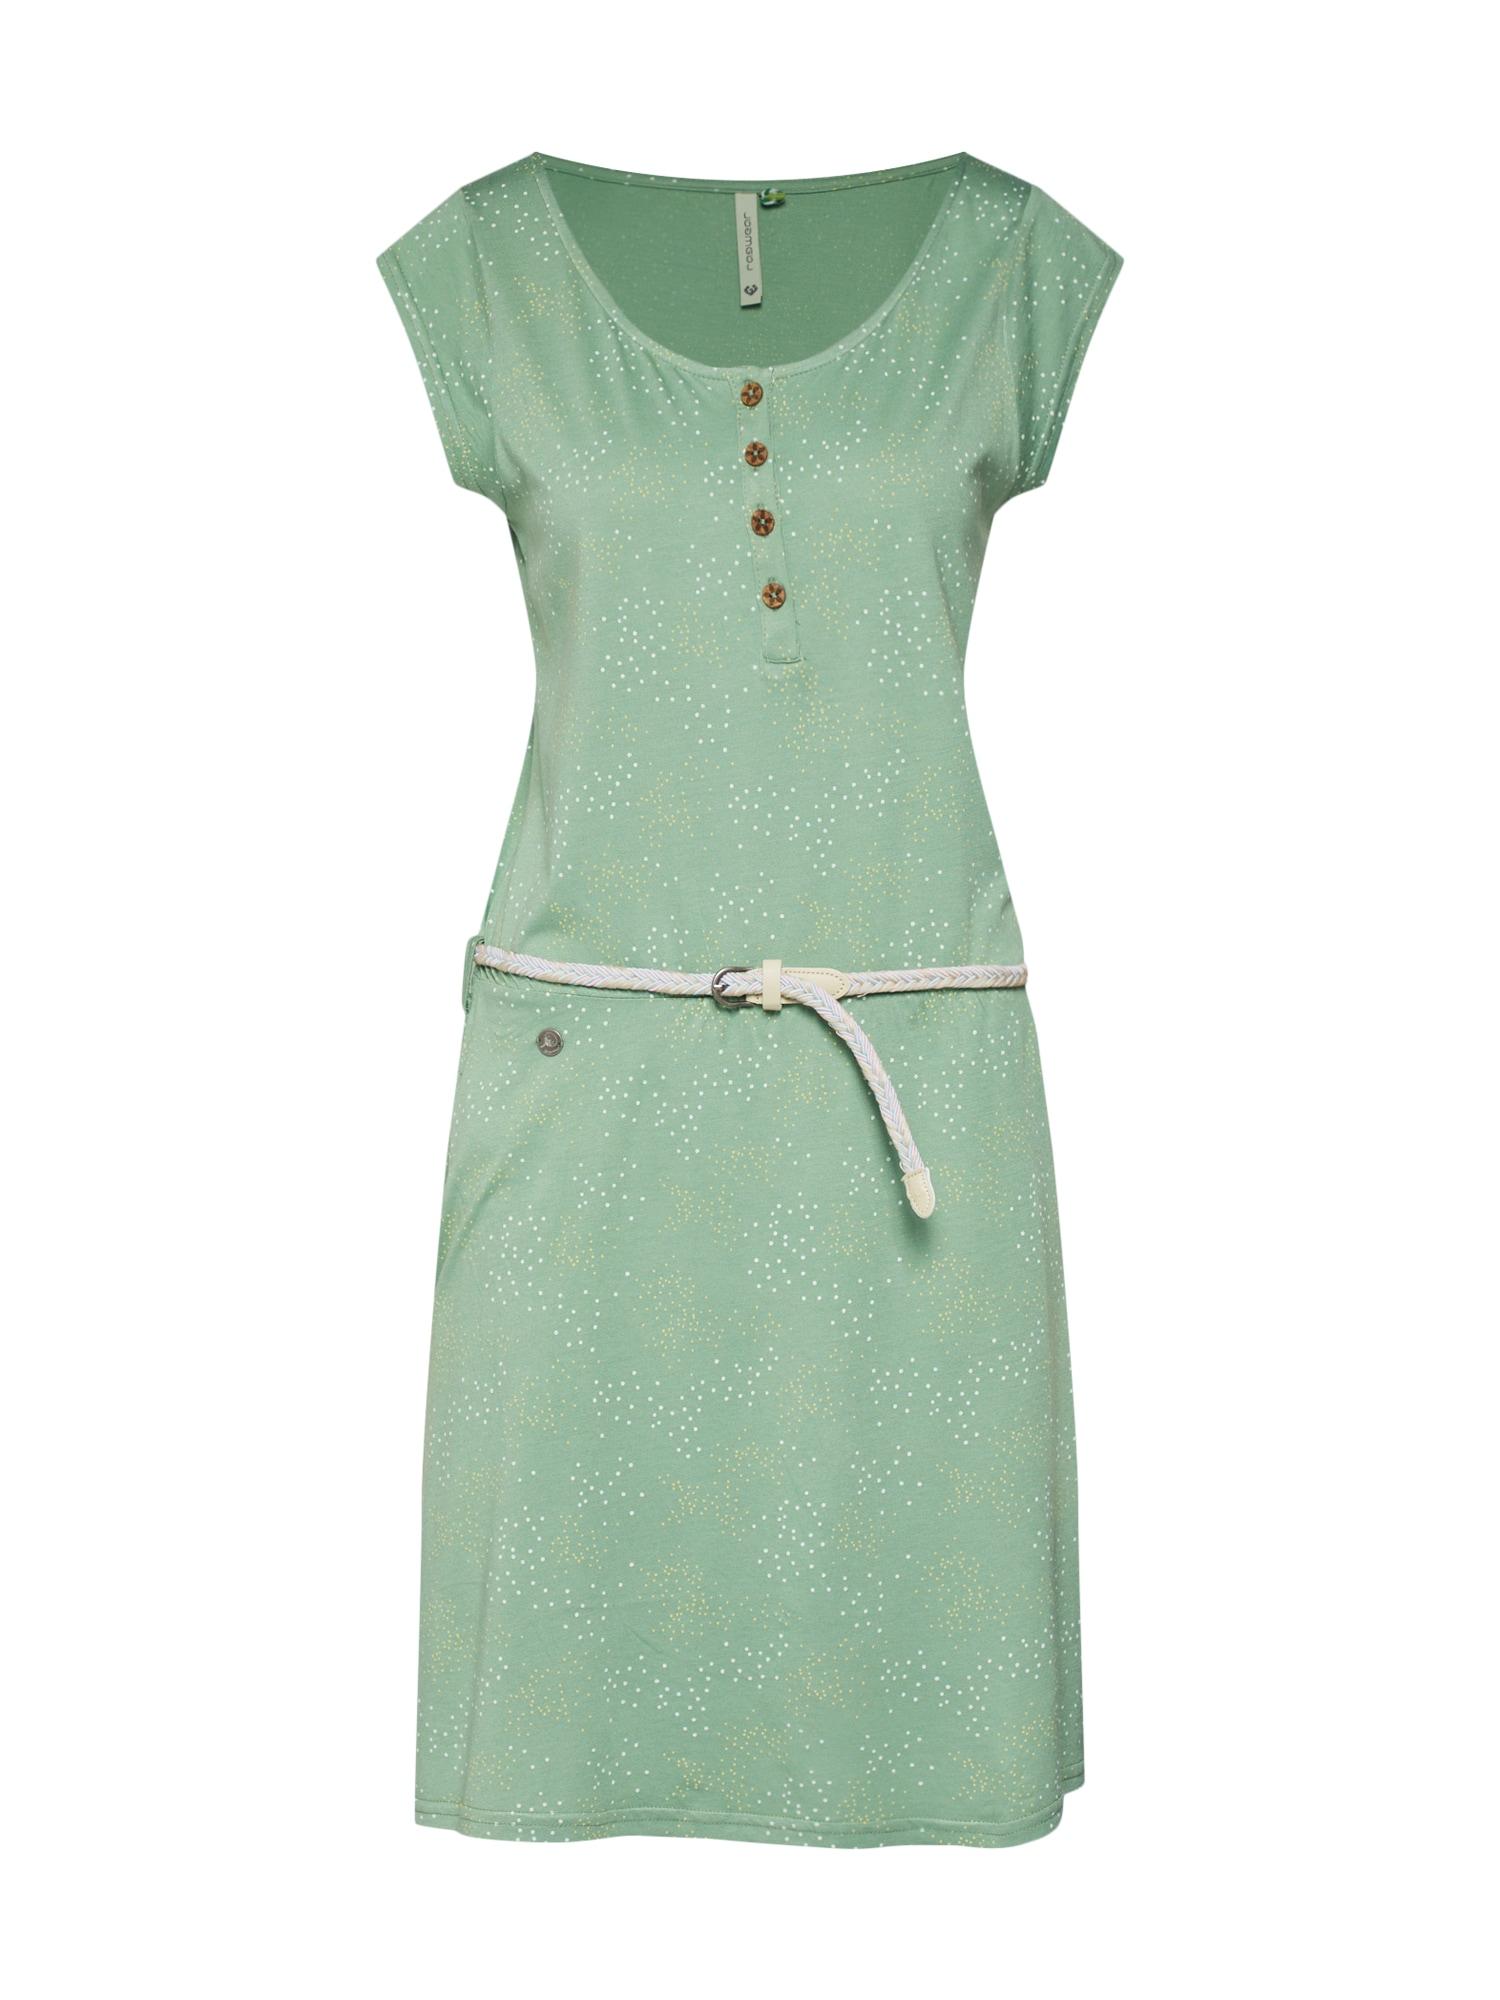 Letní šaty ZEPHIE ORGANIC světle zelená bílá Ragwear